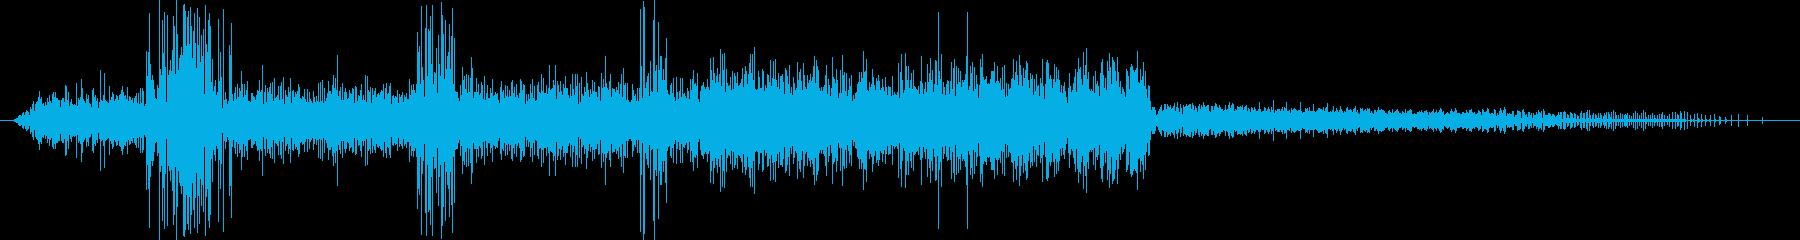 自転車ギア/チェーン:シフトギア;...の再生済みの波形